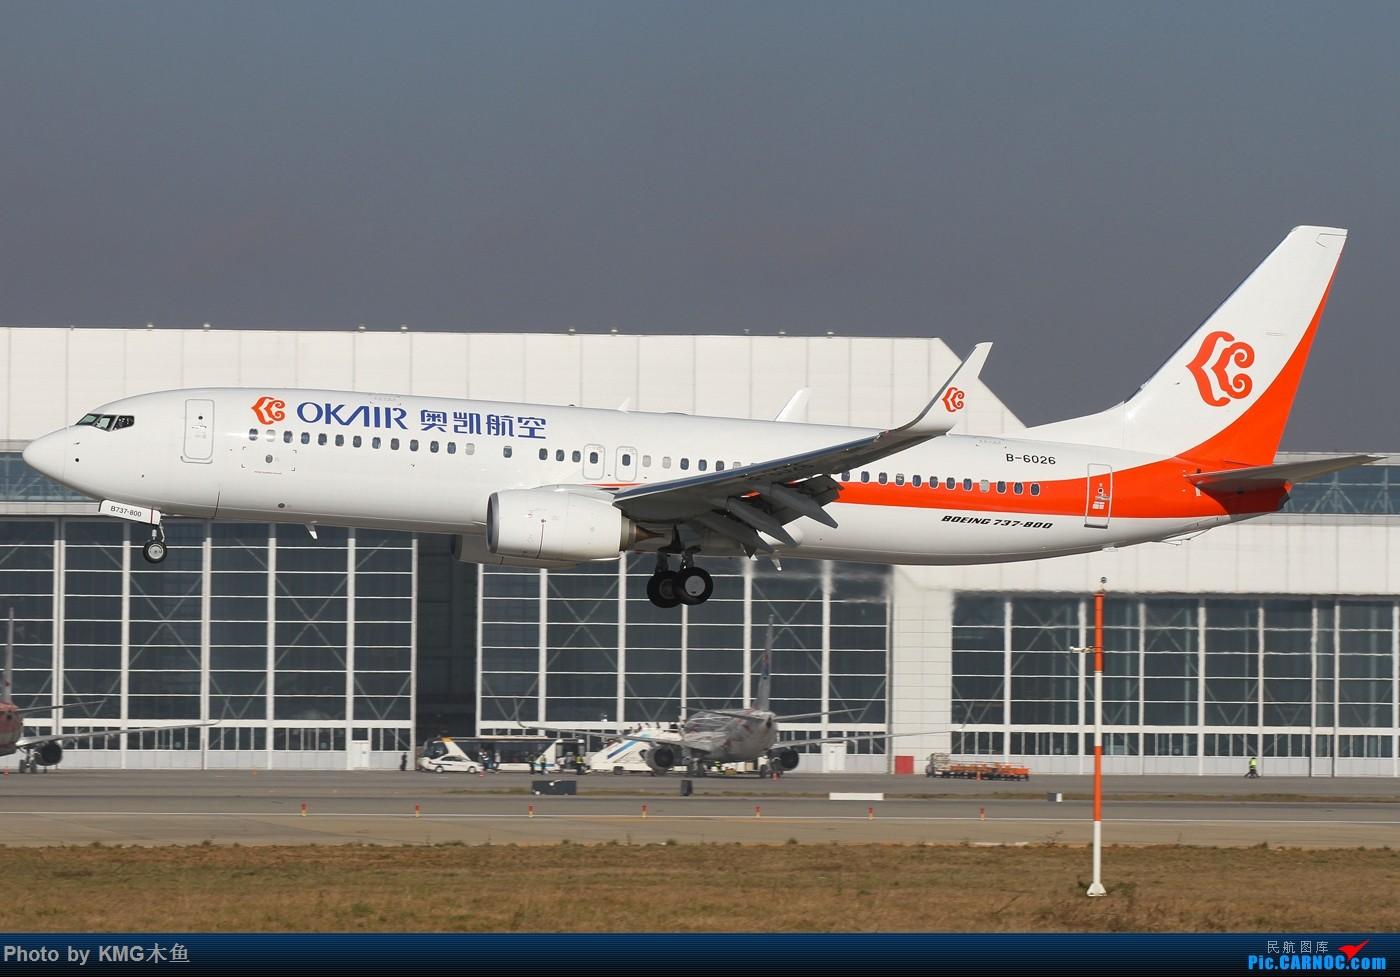 Re:[原创]【KMG昆明长水国际机场】好天气,拍到了好灰机,愉快的一天 BOEING 737-800 B-6026 中国昆明长水国际机场